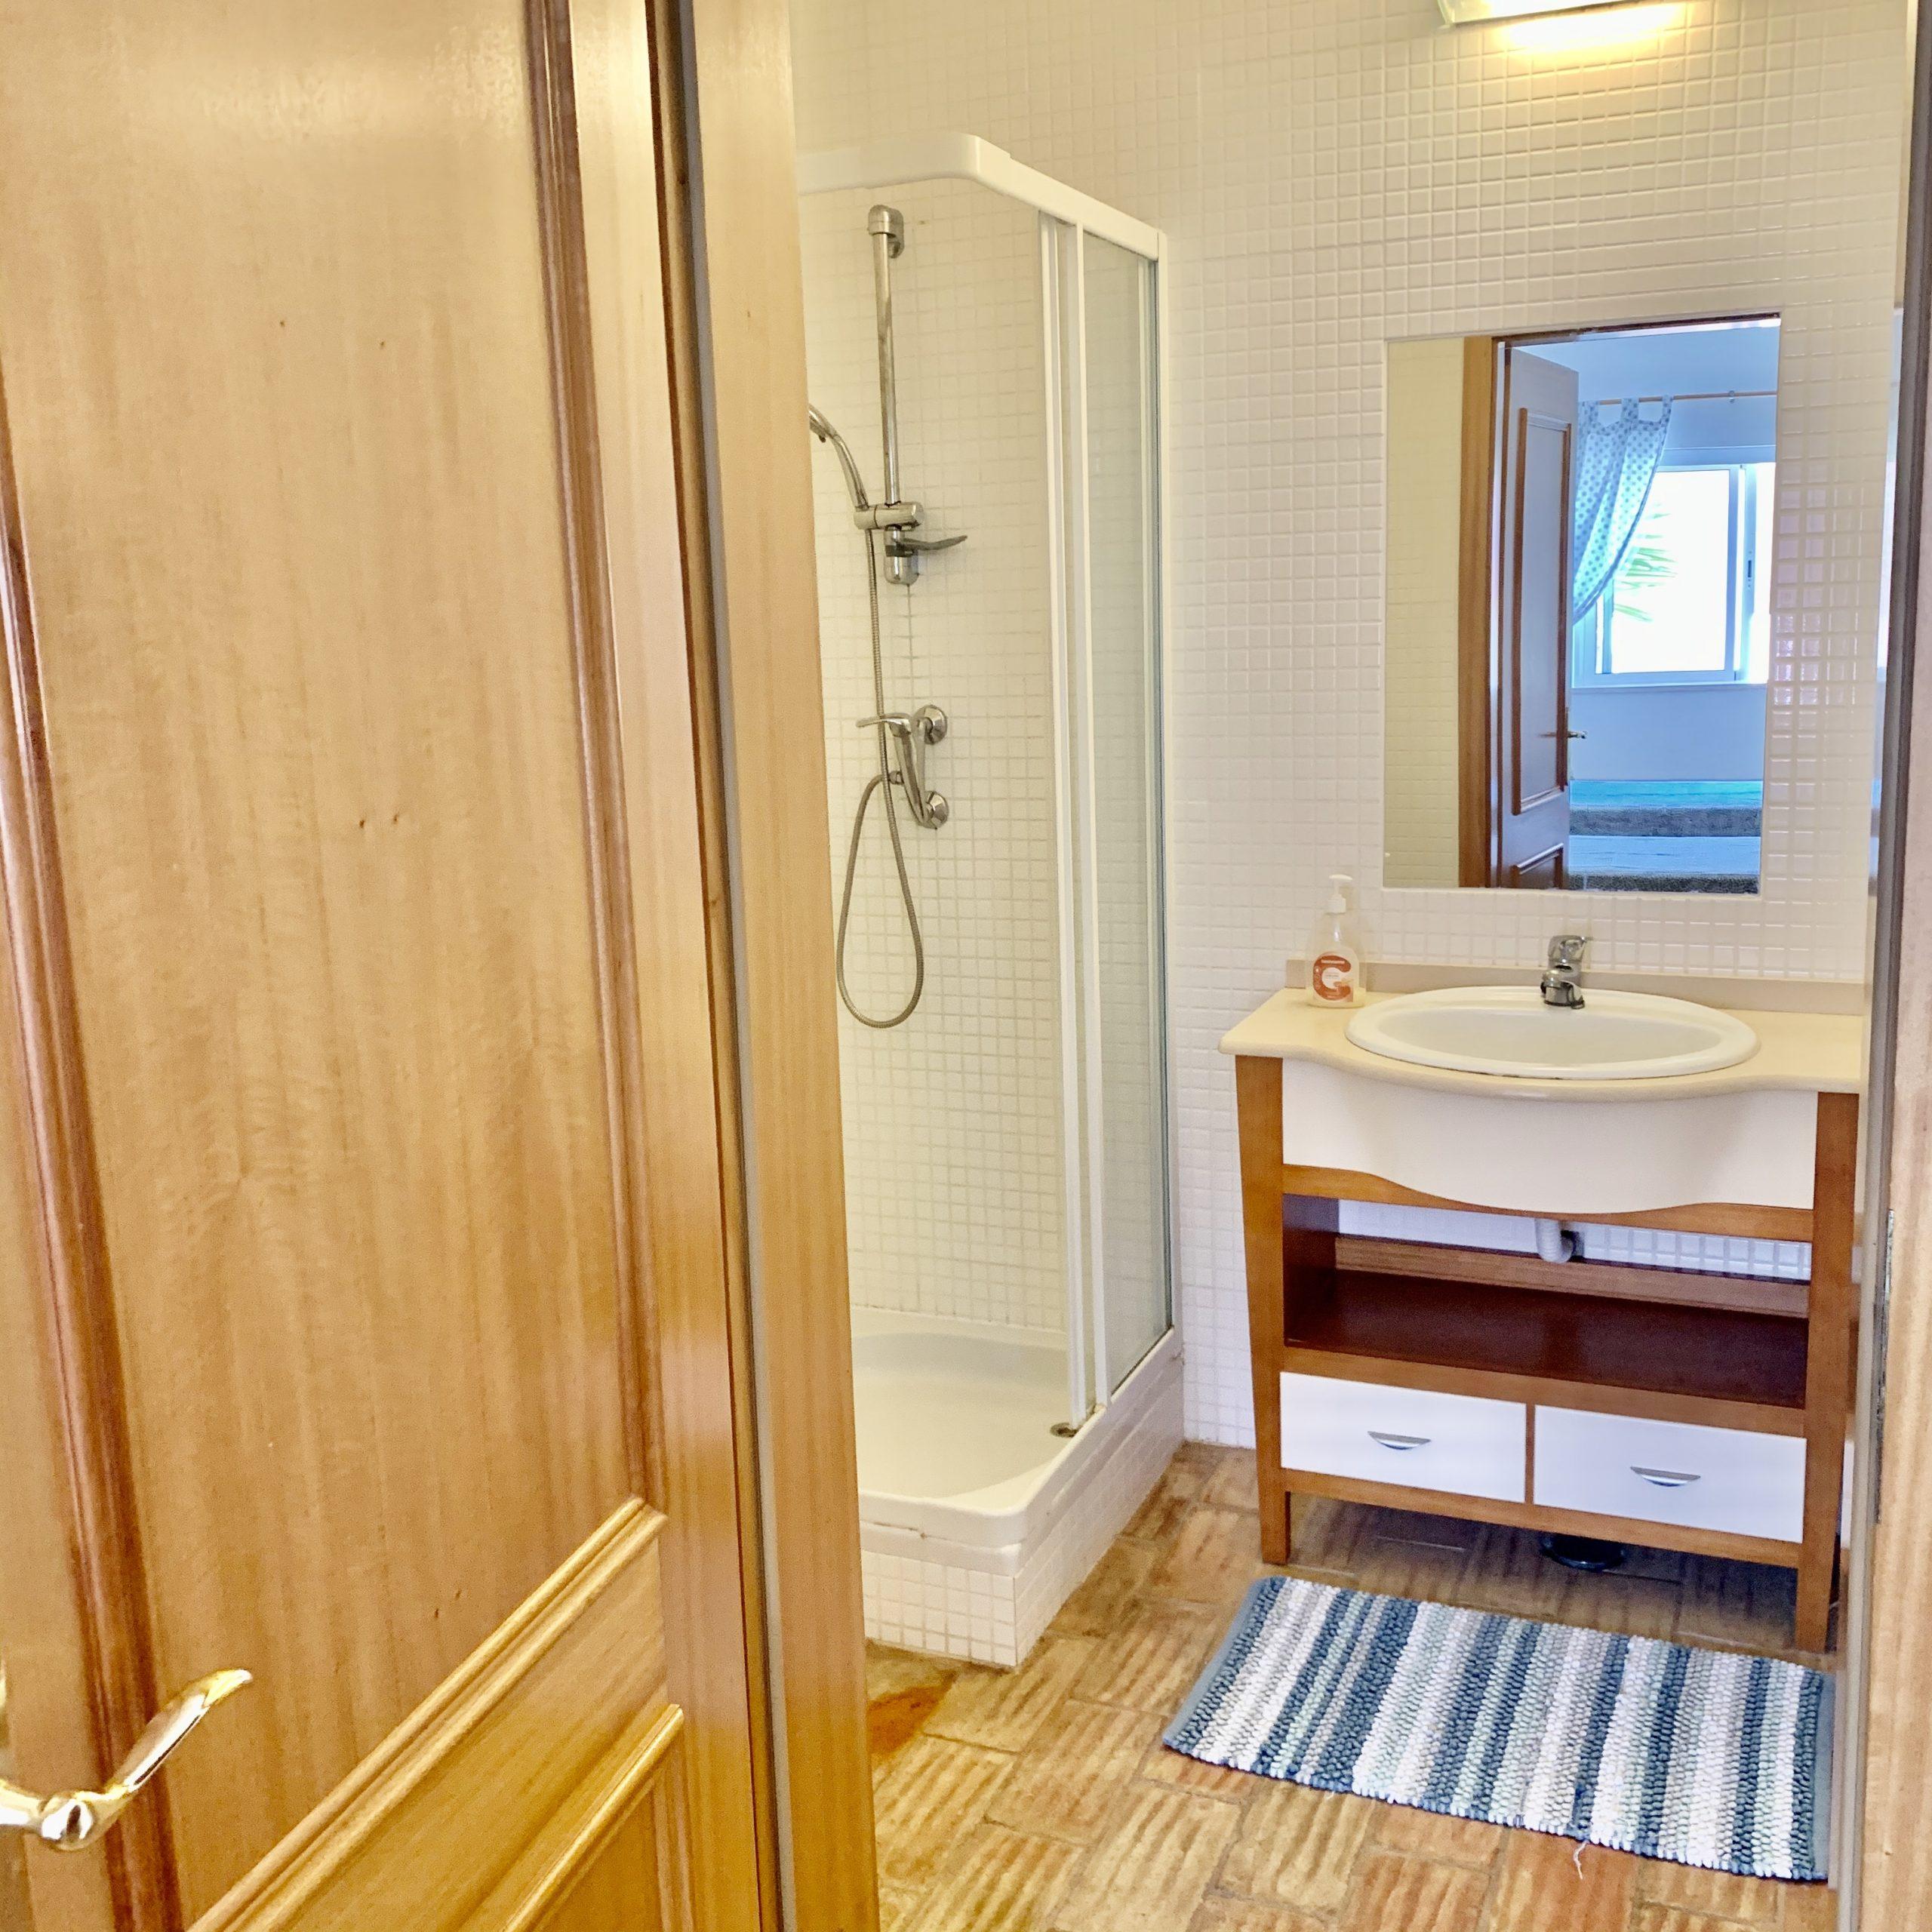 Location appartements et villas de vacance, Maison de vacances praia da Luz face à la mer à Lagos, Portugal Algarve, REF_IMG_2627_17925